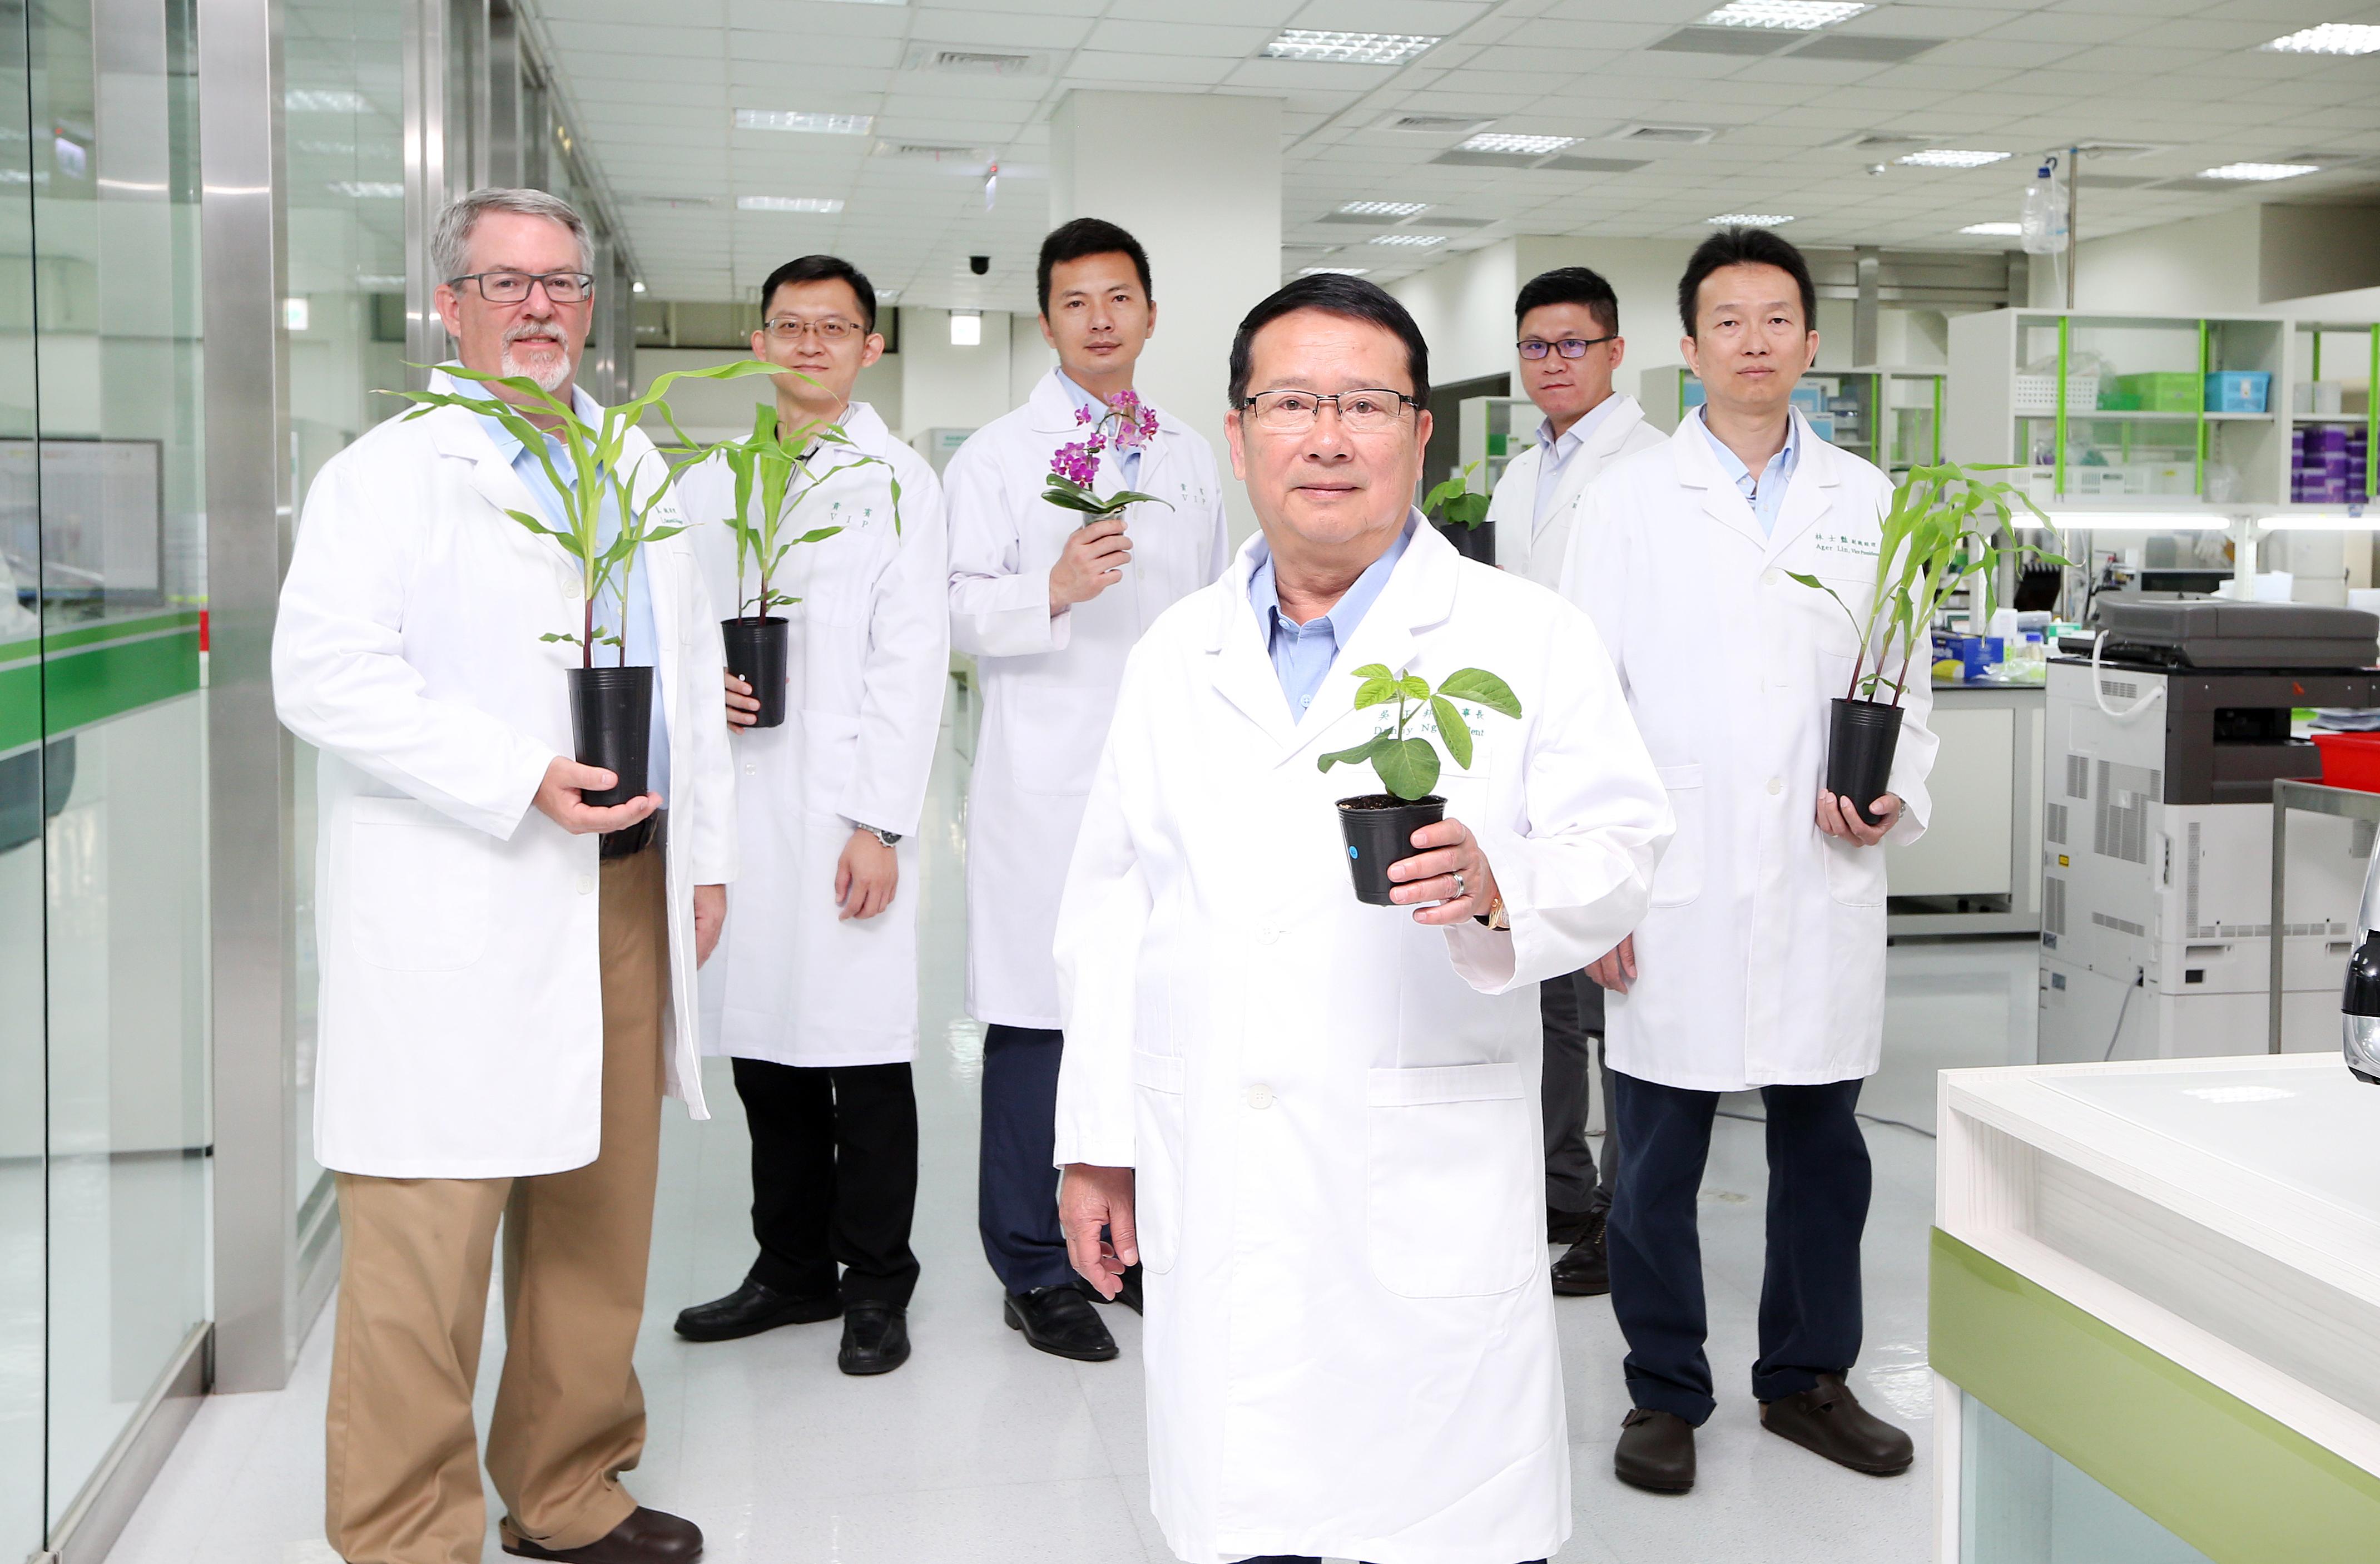 正瀚生技由董事長吳正邦(圖中)於2013年底成立,集結總經理John Wolf(圖左)等一流人才組成經營團隊,要為台灣農業生技開創新局